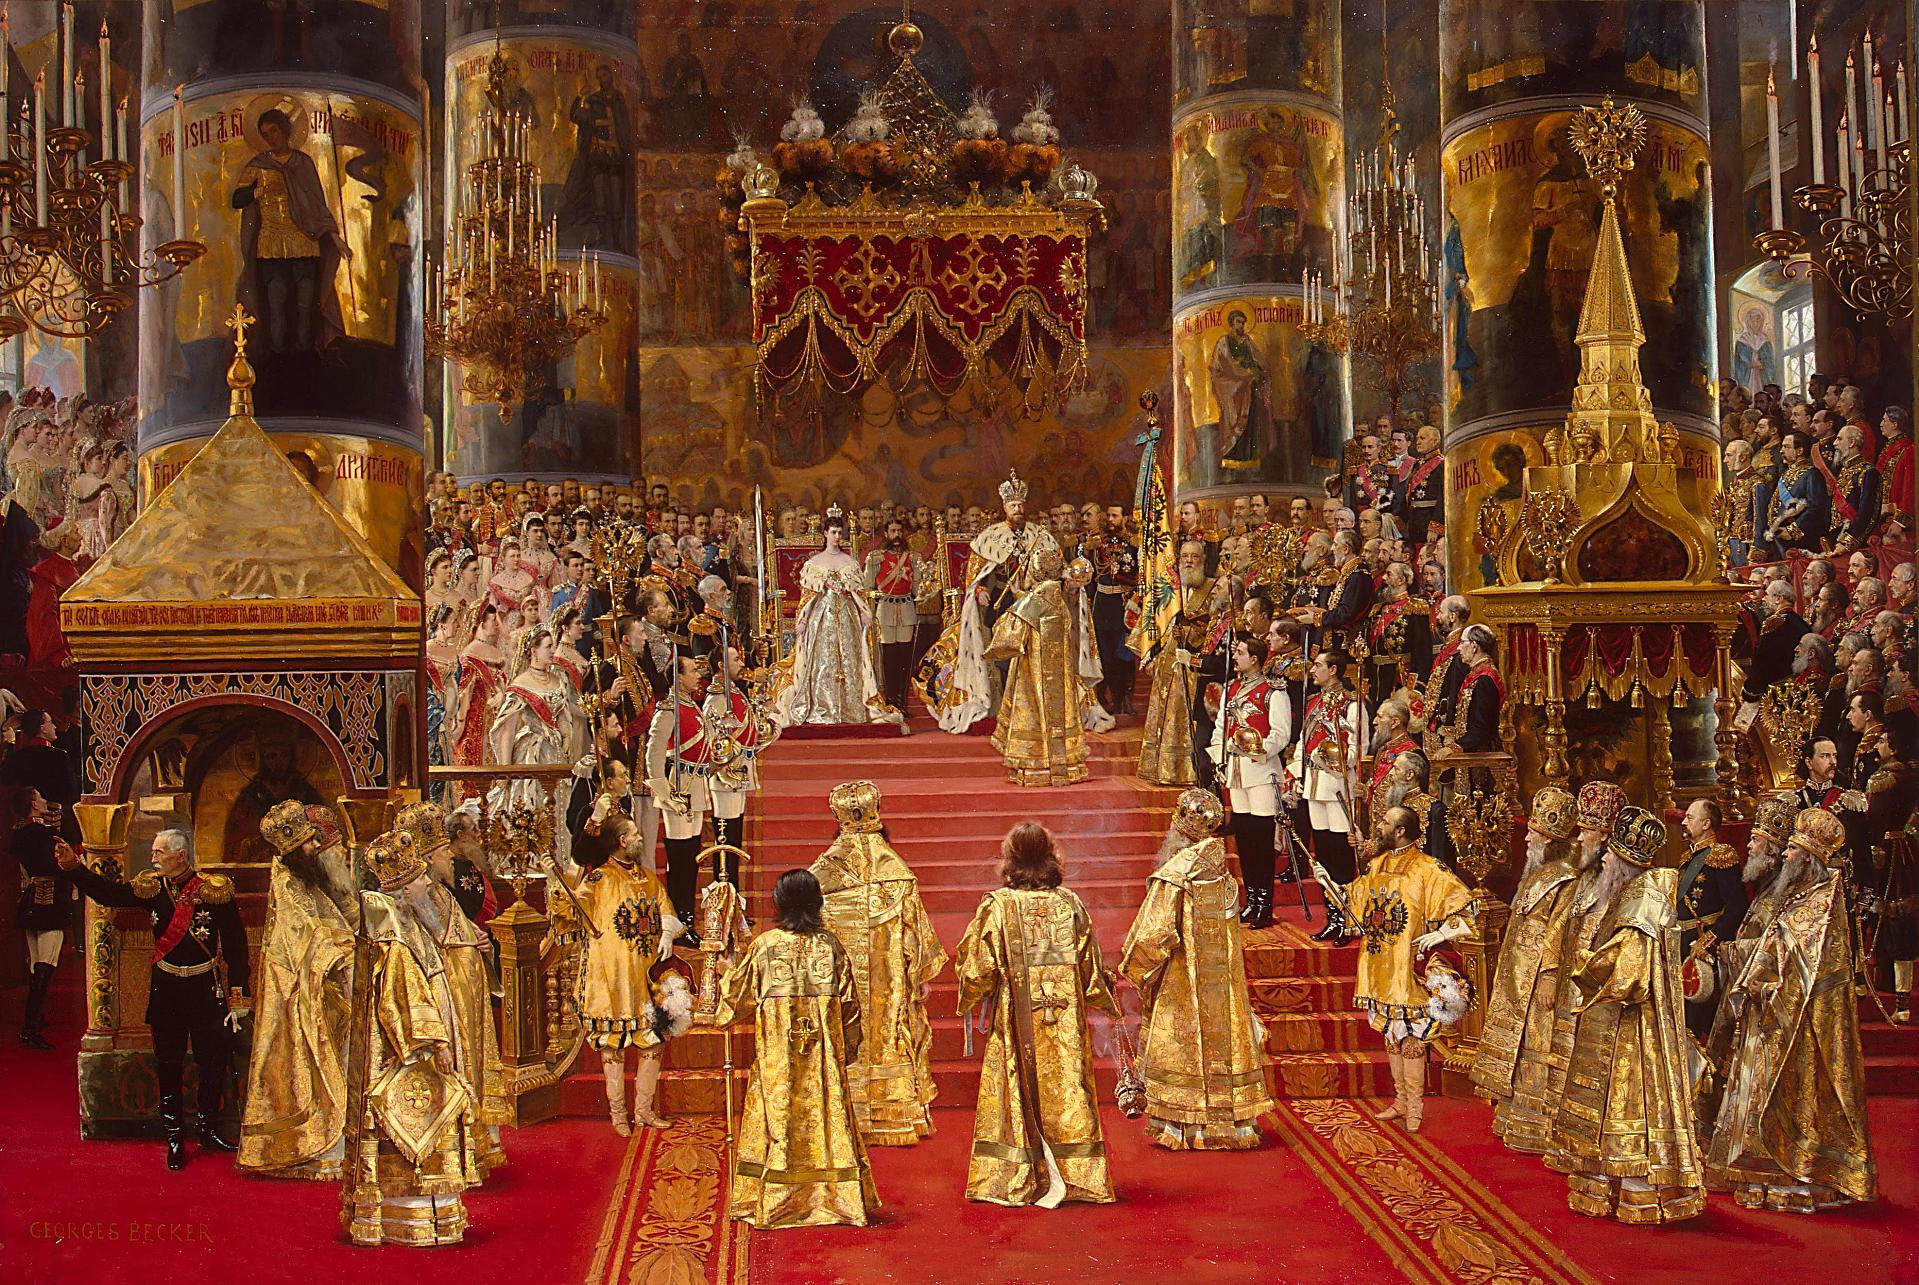 """Wunder, Geheimnis, Autorität – der Begriff """"Wlast"""" wird im russischen Sprachgebrauch mitunter sakralisiert"""